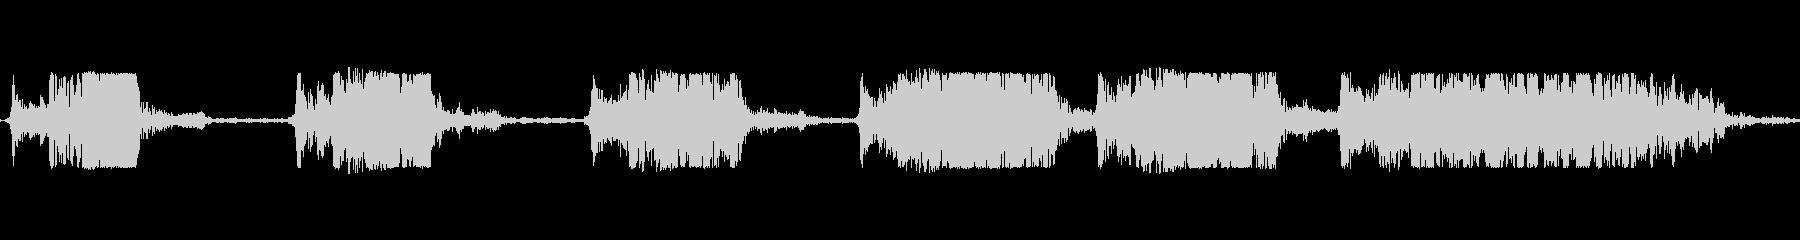 ロケットアフターバーナー火災フランジ付きの未再生の波形